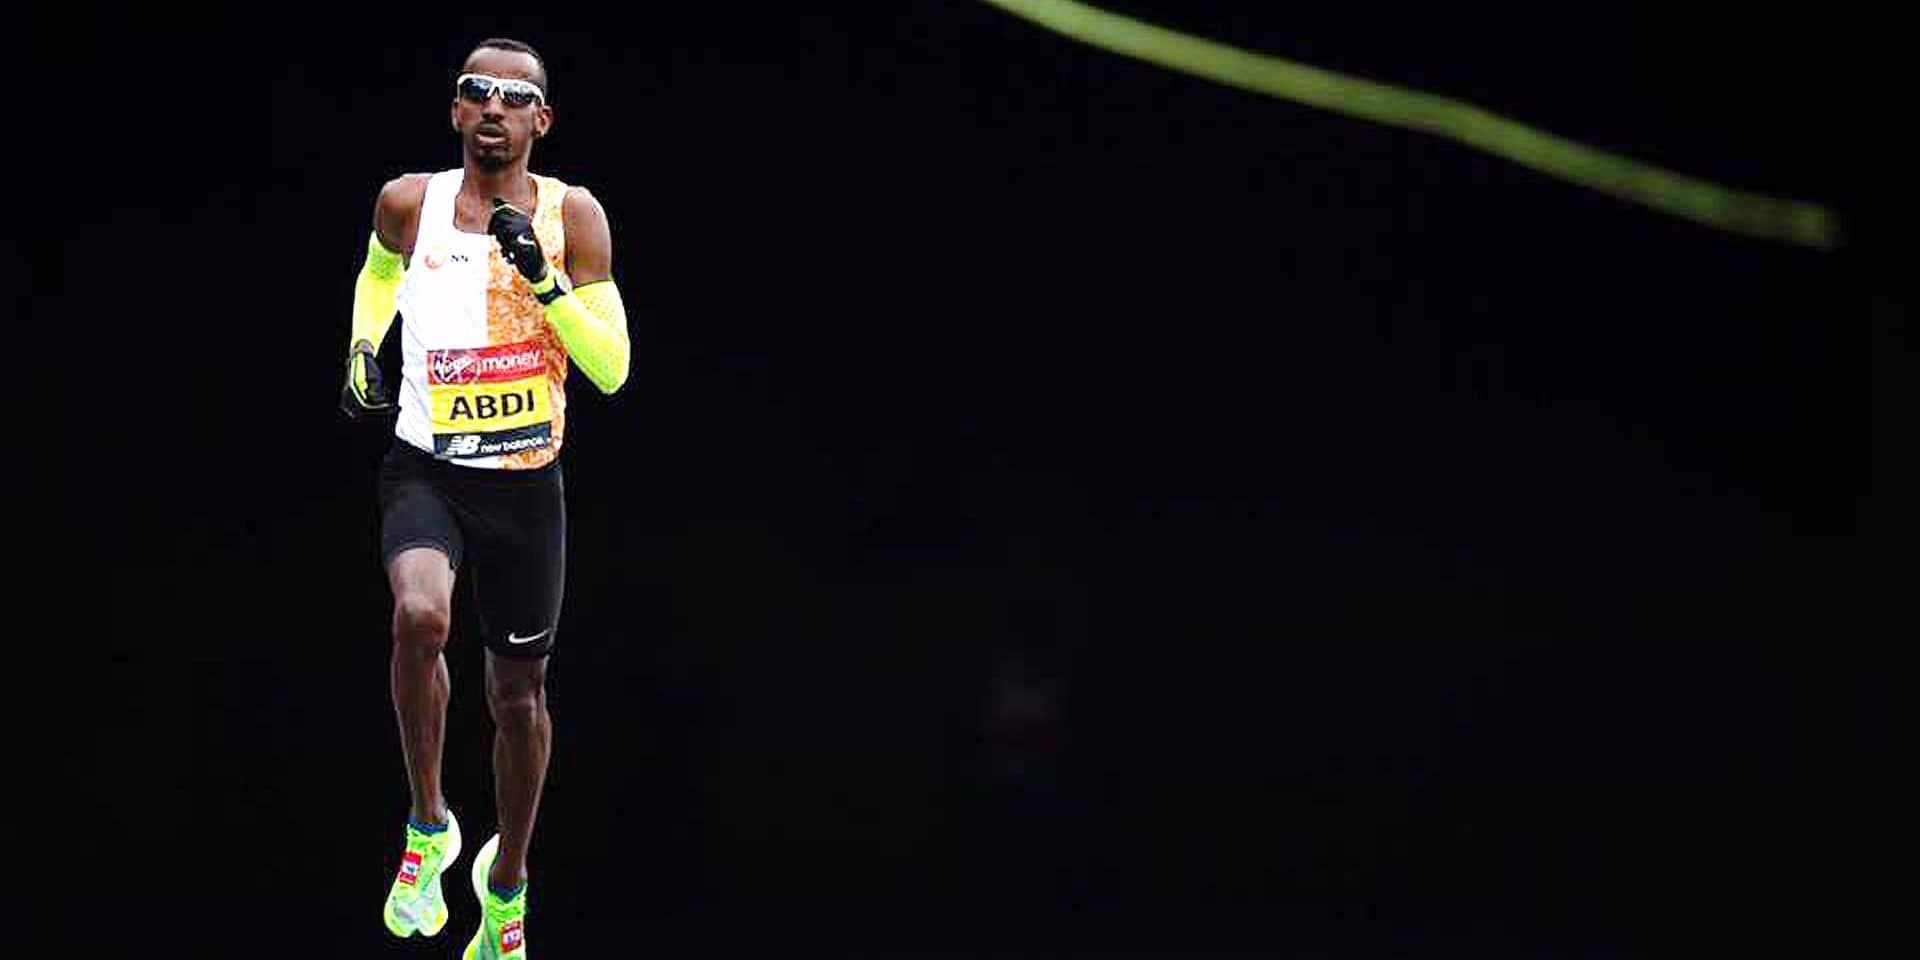 """Vincent Rousseau a vu son record de Belgique du marathon battu : """"Ce n'est plus la même époque"""""""